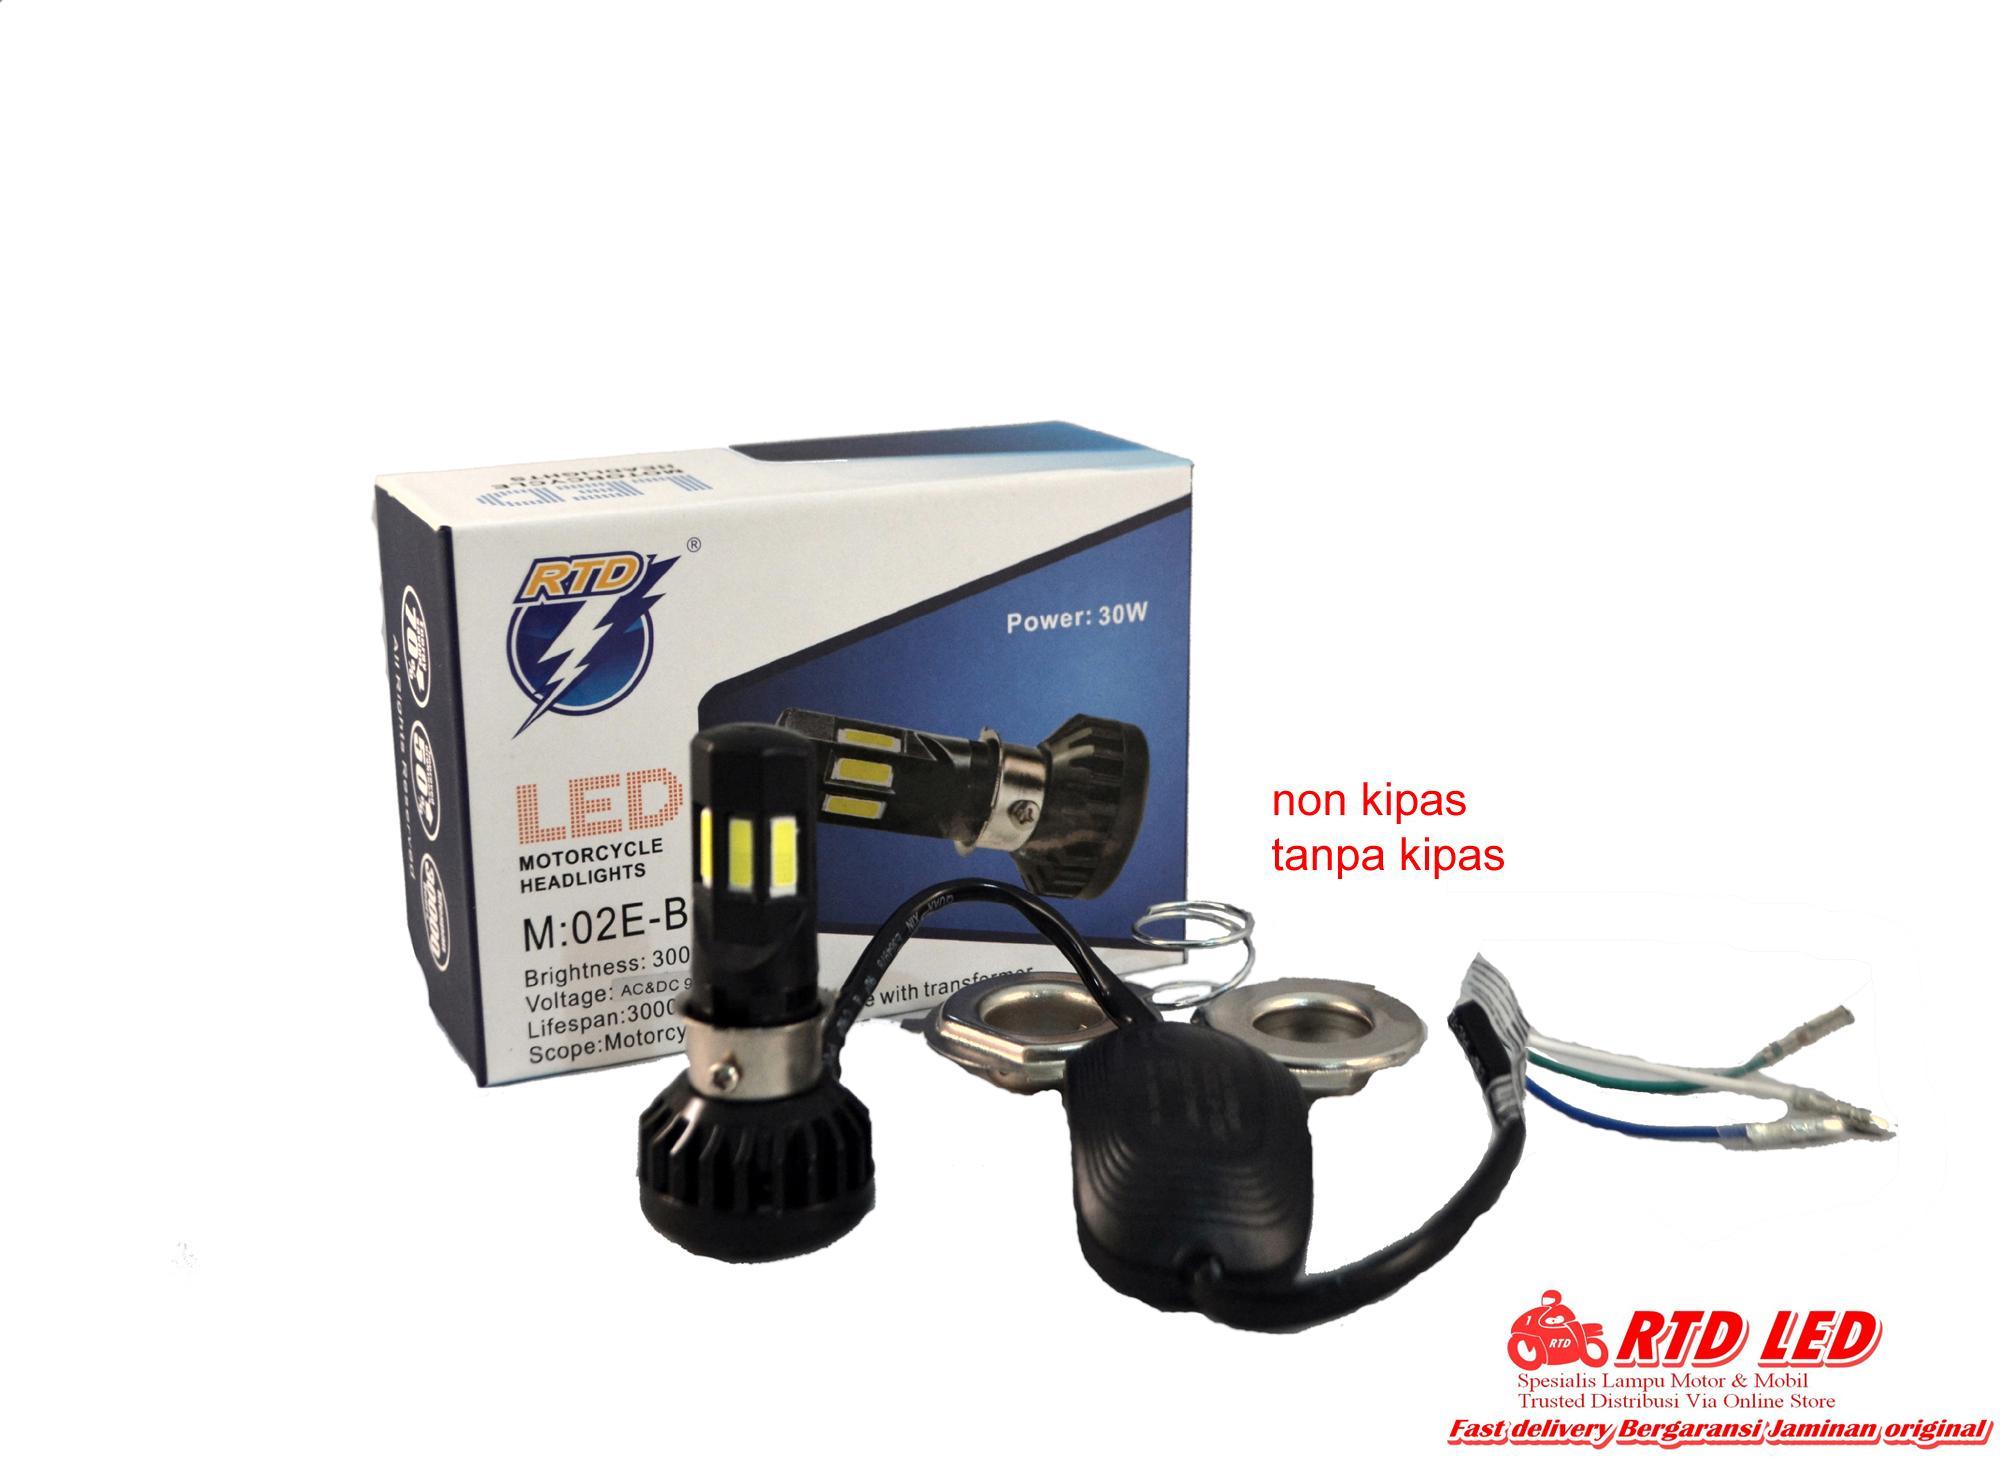 Jual Produk Rtd Online Terbaru Di Lampu Depan M11g Dc Led Motor Utama Headlamp Bohlam M02e B 6 Sisi Original Ac